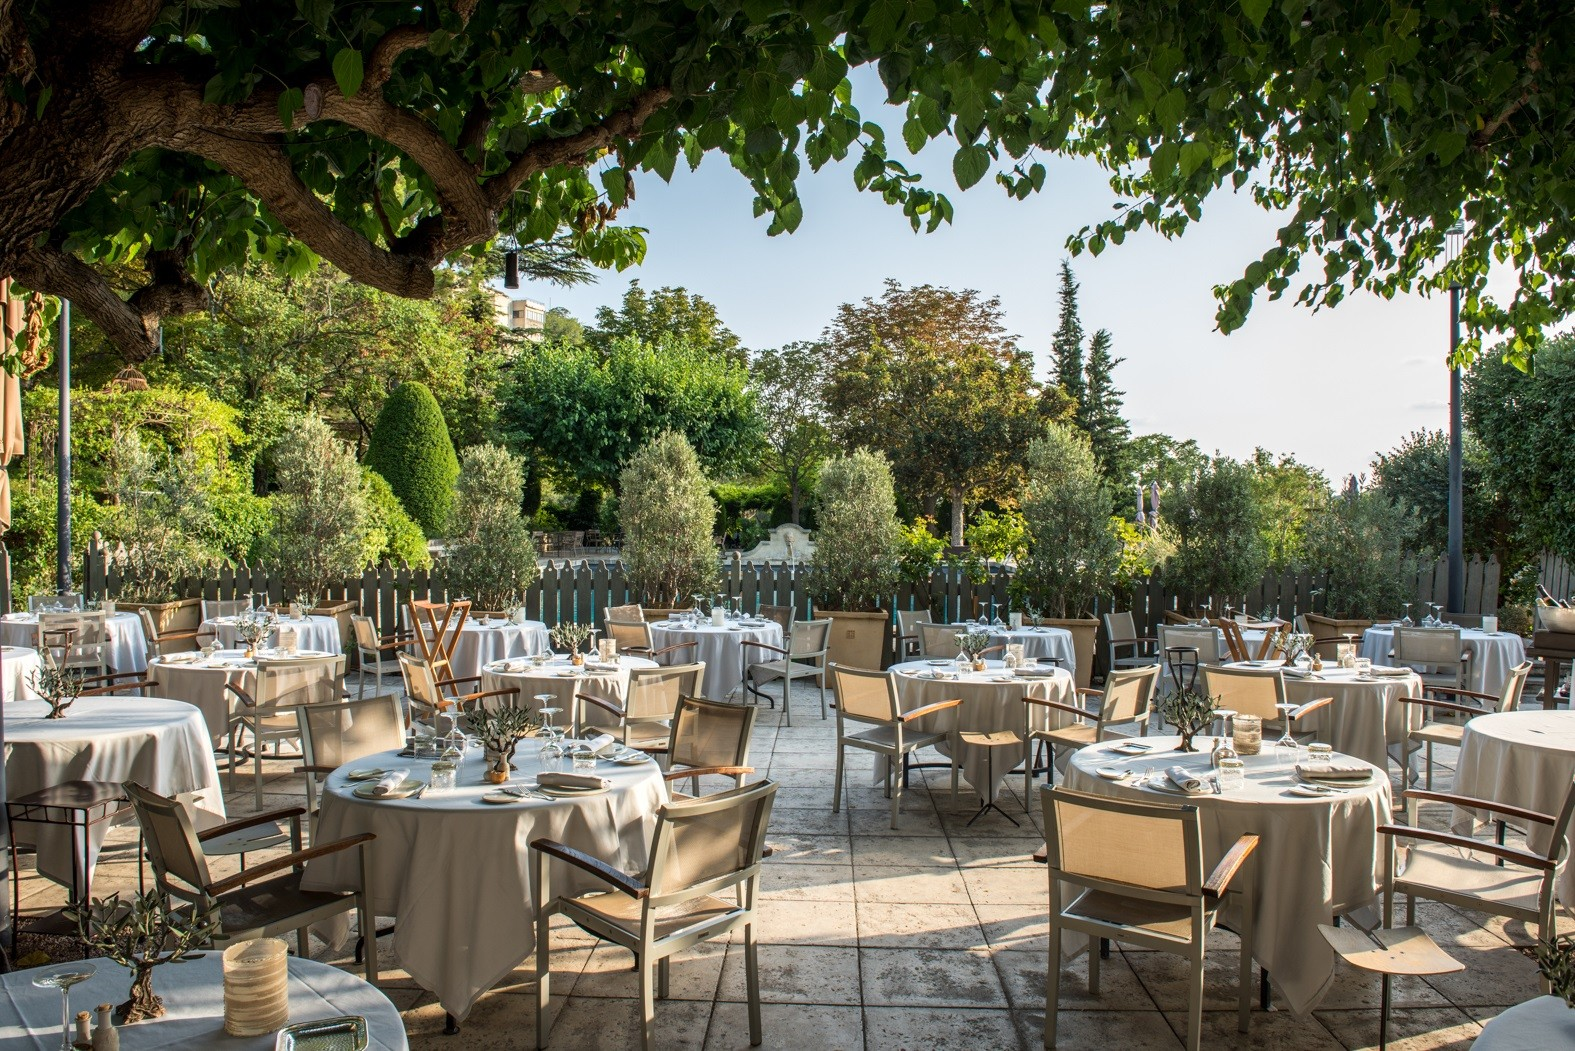 baumaniere-terrasse-saint-remy-de-provence-avignon-carrieres-de-lumieres